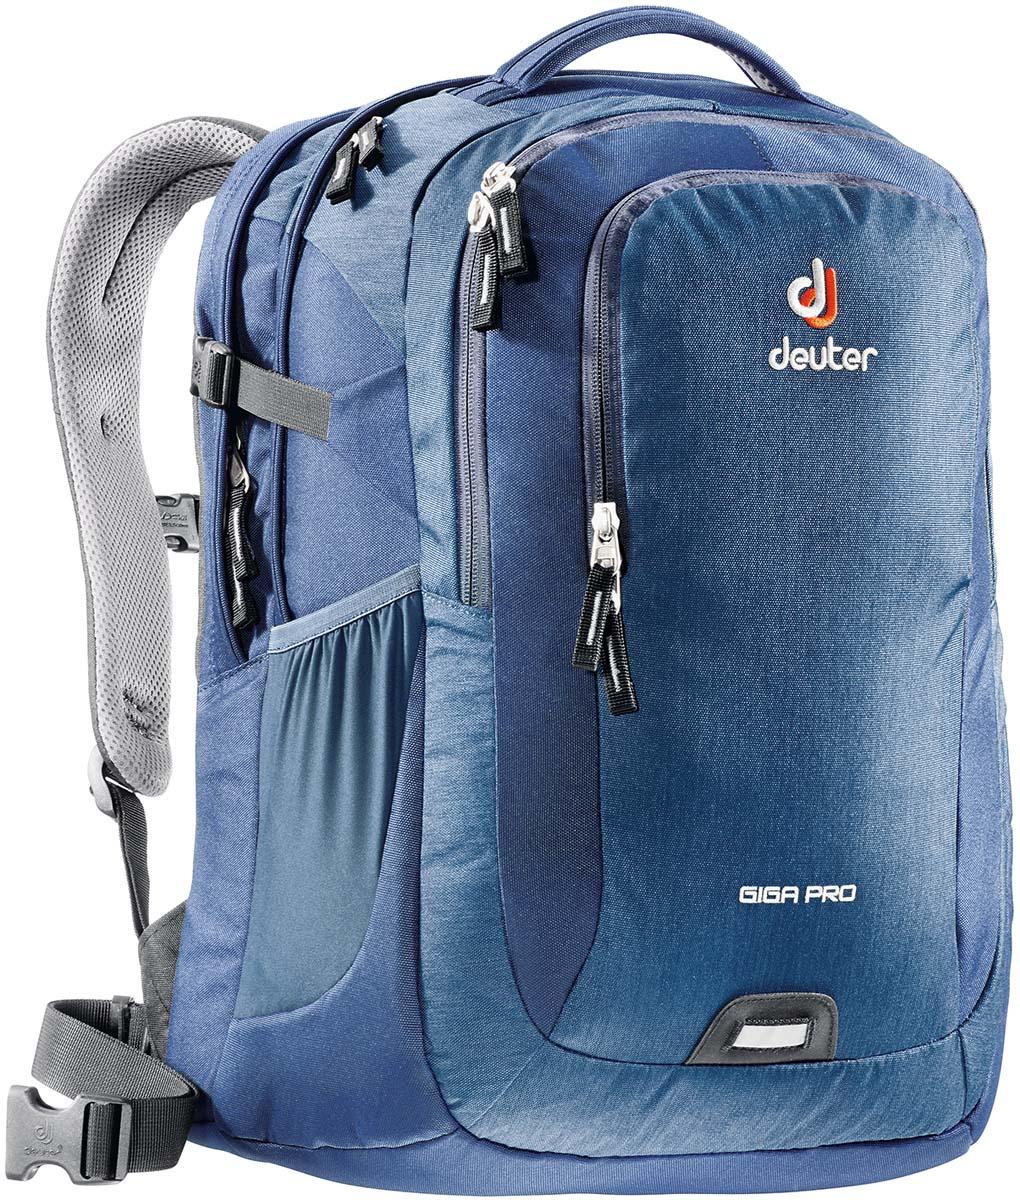 Рюкзак Deuter Daypacks Giga Pro, цвет: синий, 31 л80434_3022Когда вам необходимо иметь все при себе, когда вы собираетесь в университет, тот тут Gigant спешит на помощь. Все необходимые документы и книги с легкостью уместятся в этом рюкзаке. Также есть наличие большого мягкого отделения для Laptop. Рюкзак имеет анатомическую форму, вентиляцию спины, мягкие, регулируемые лямки. Несмотря на то, что у вас максимальная загрузка рюкзака, вы все еще по прежнему с комфортом можете перемещаться от одной лекции к другой.